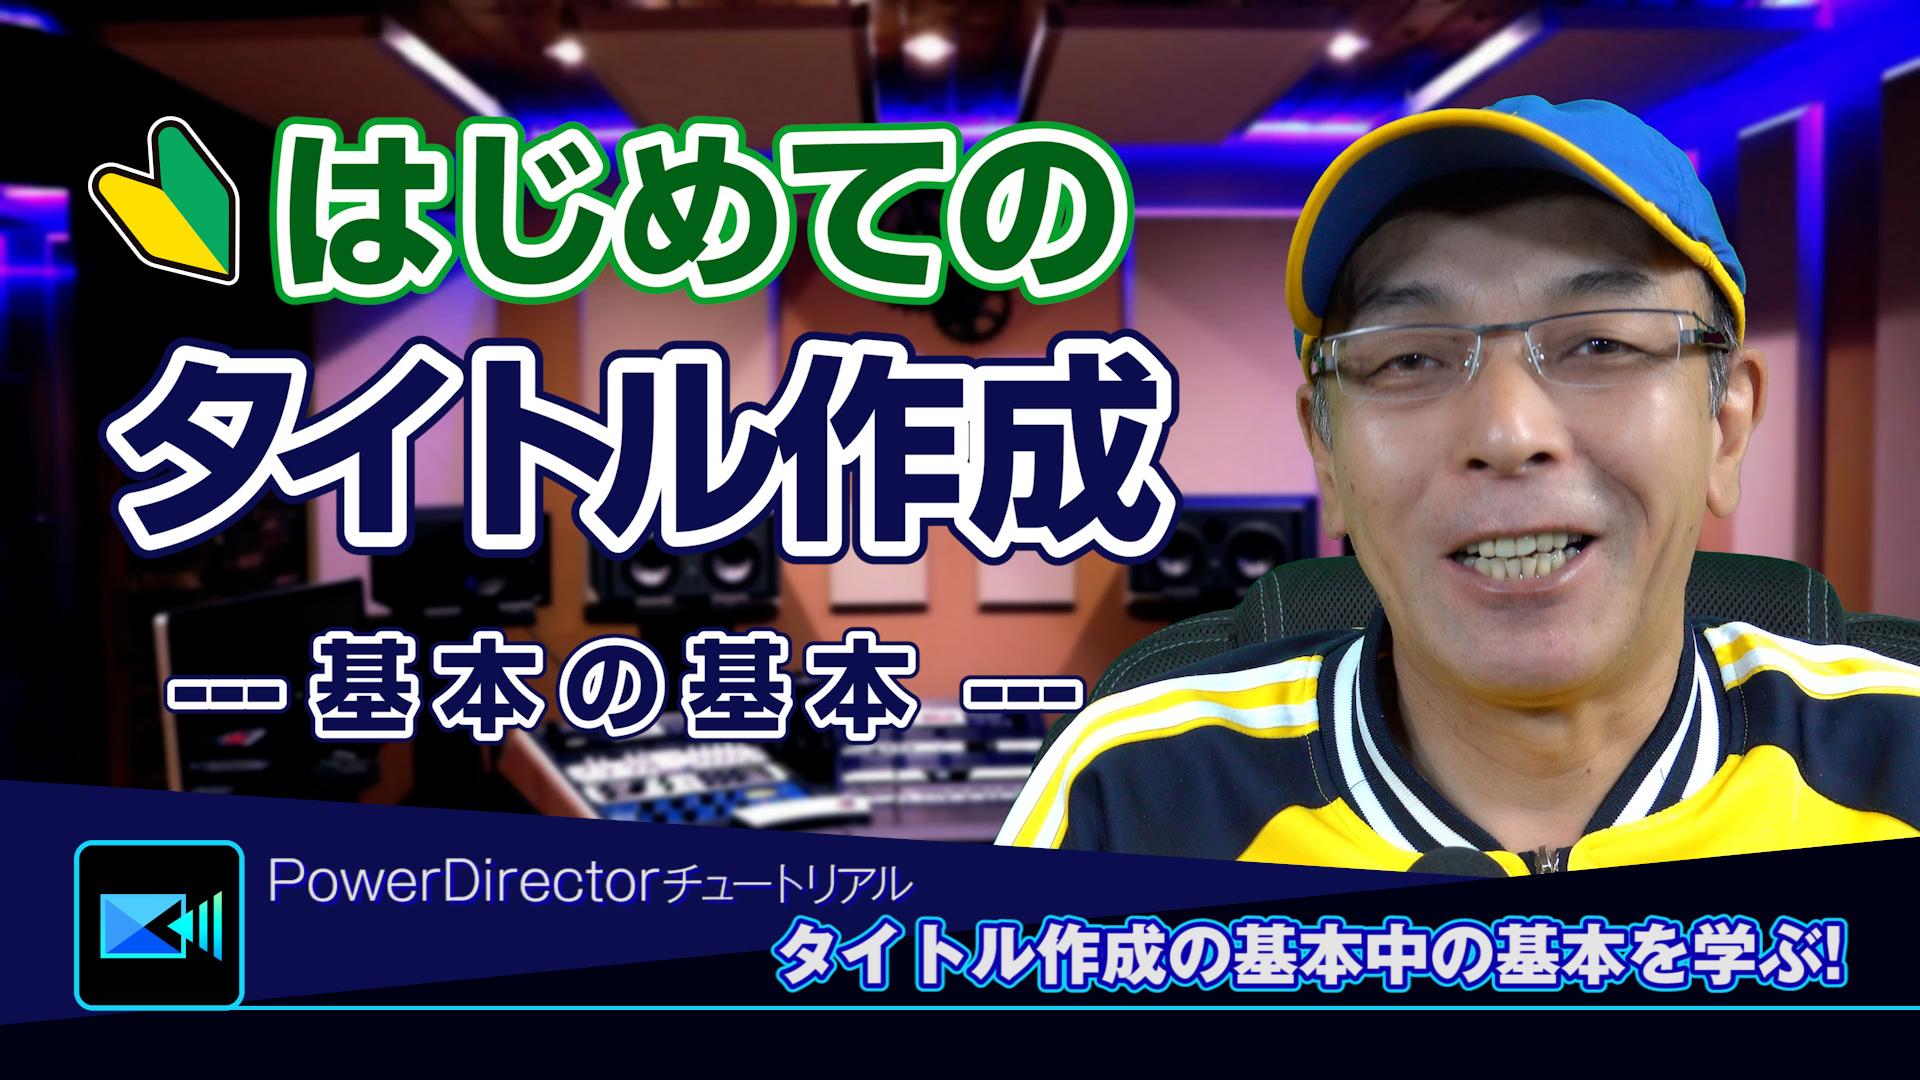 初心者向け:PowerDirectorを使った初めてのタイトル編集 - Power director(パワーディレクター)の使い方講座